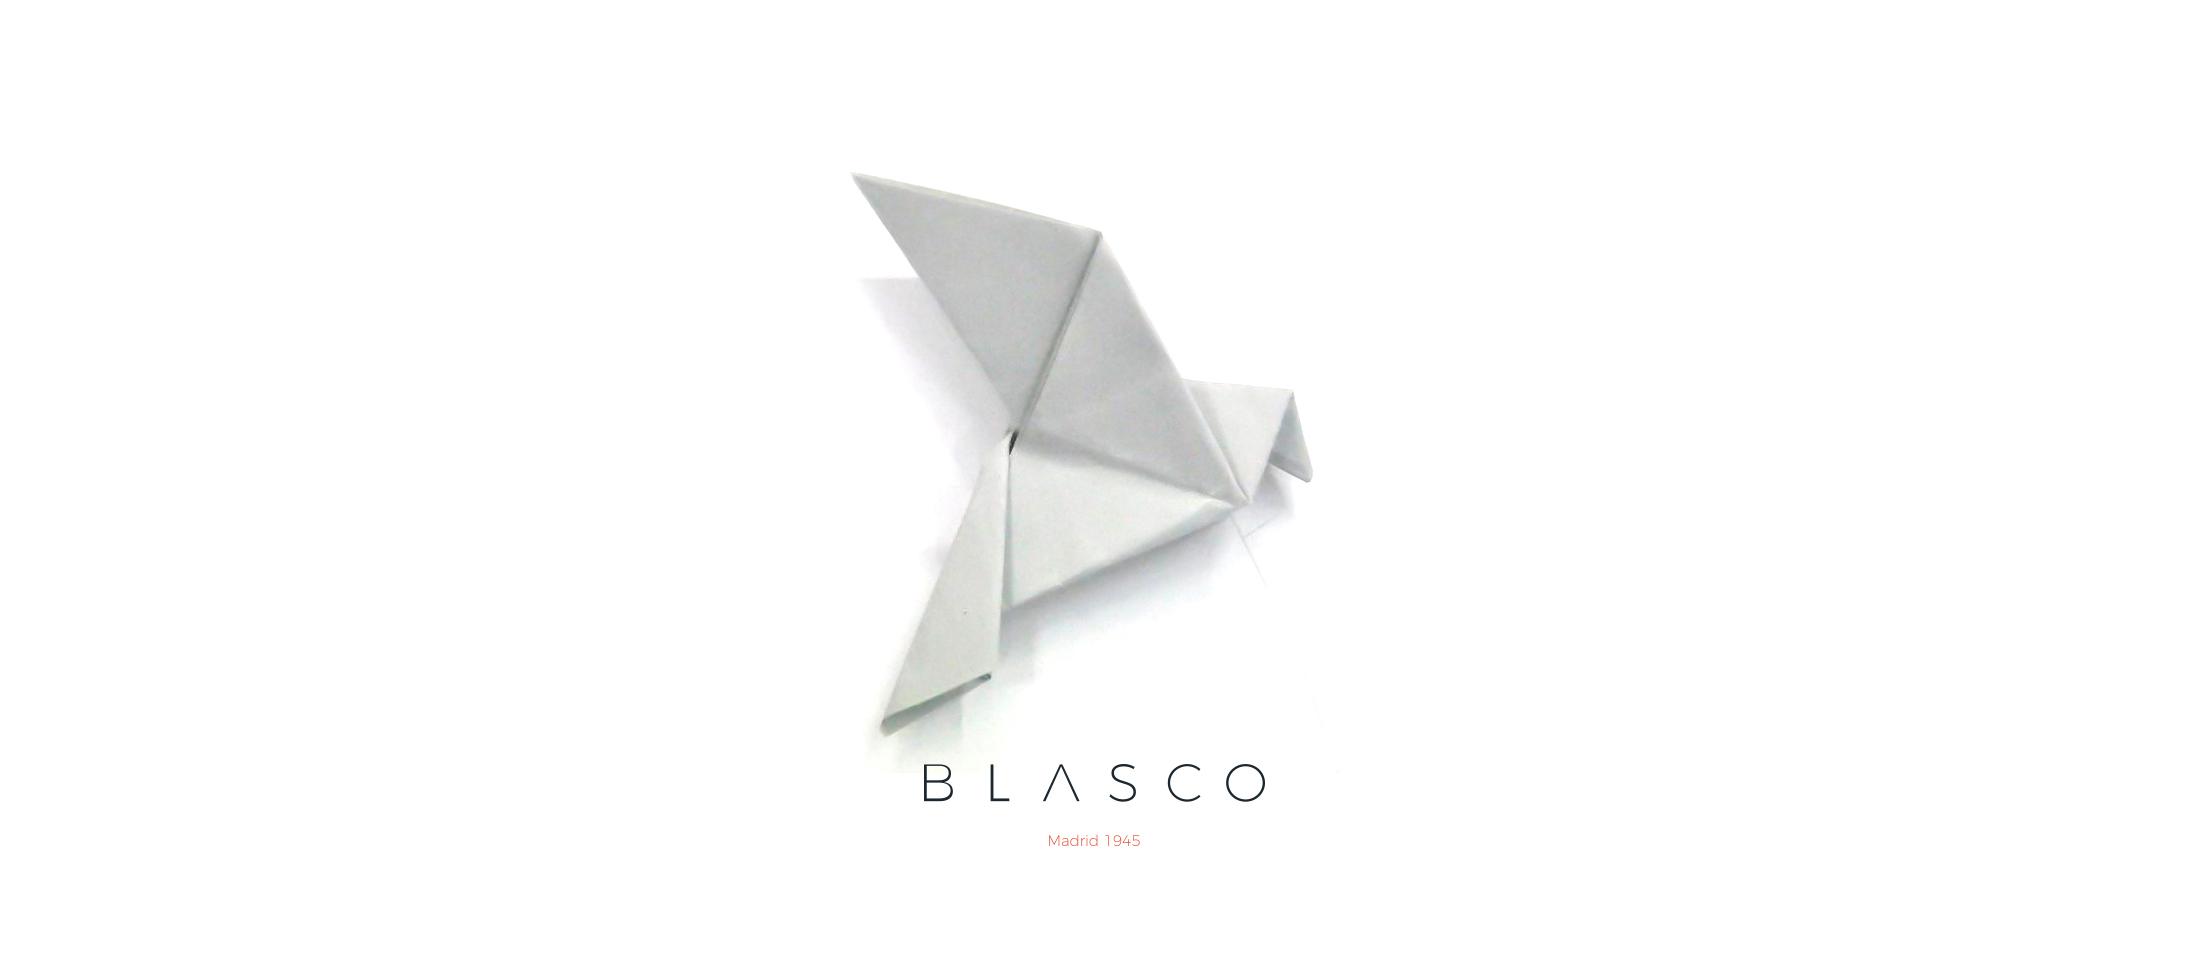 blasco byb